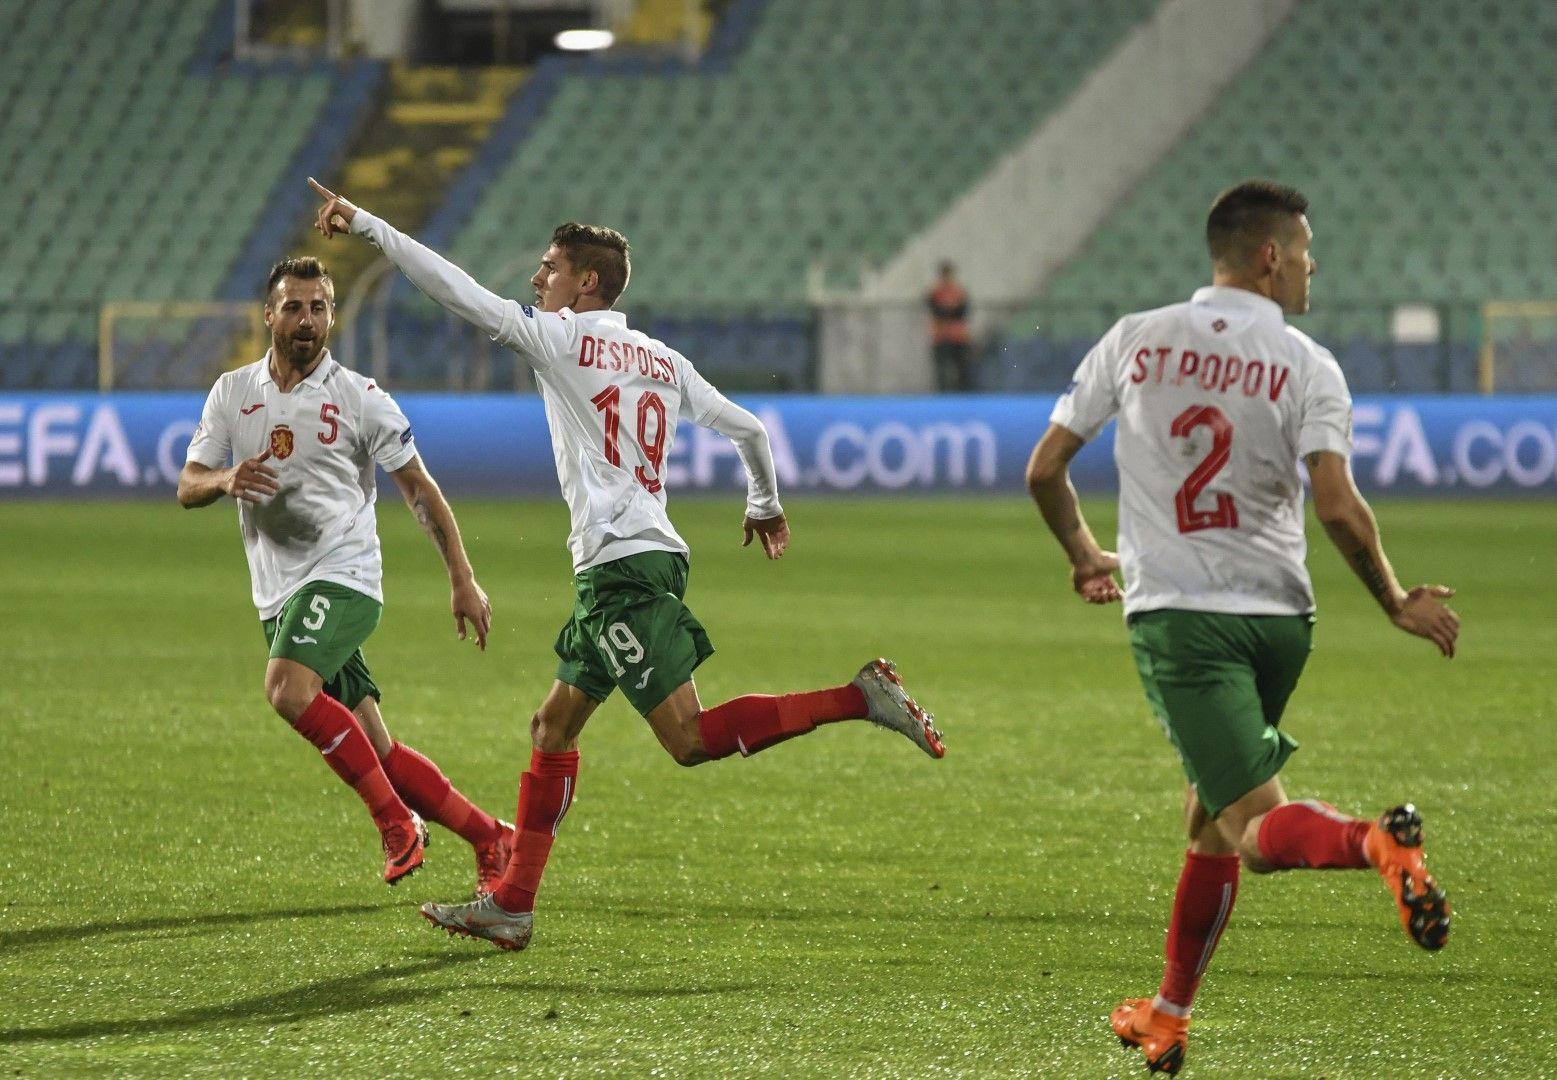 Довлони ли сте от представянето на България? (анкета)